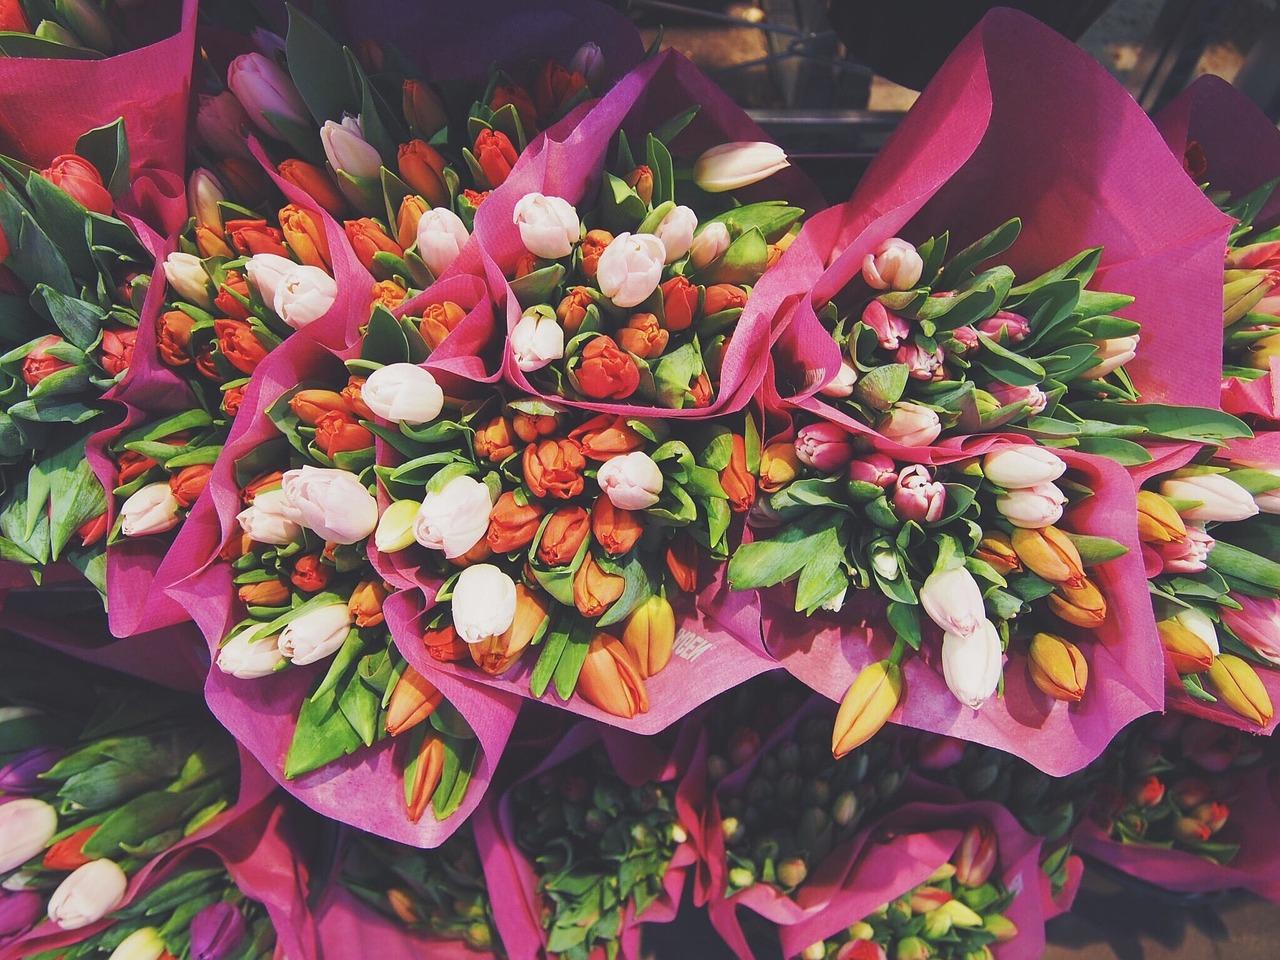 kwiaciarnia - jakie kwiaty na pogrzeb?